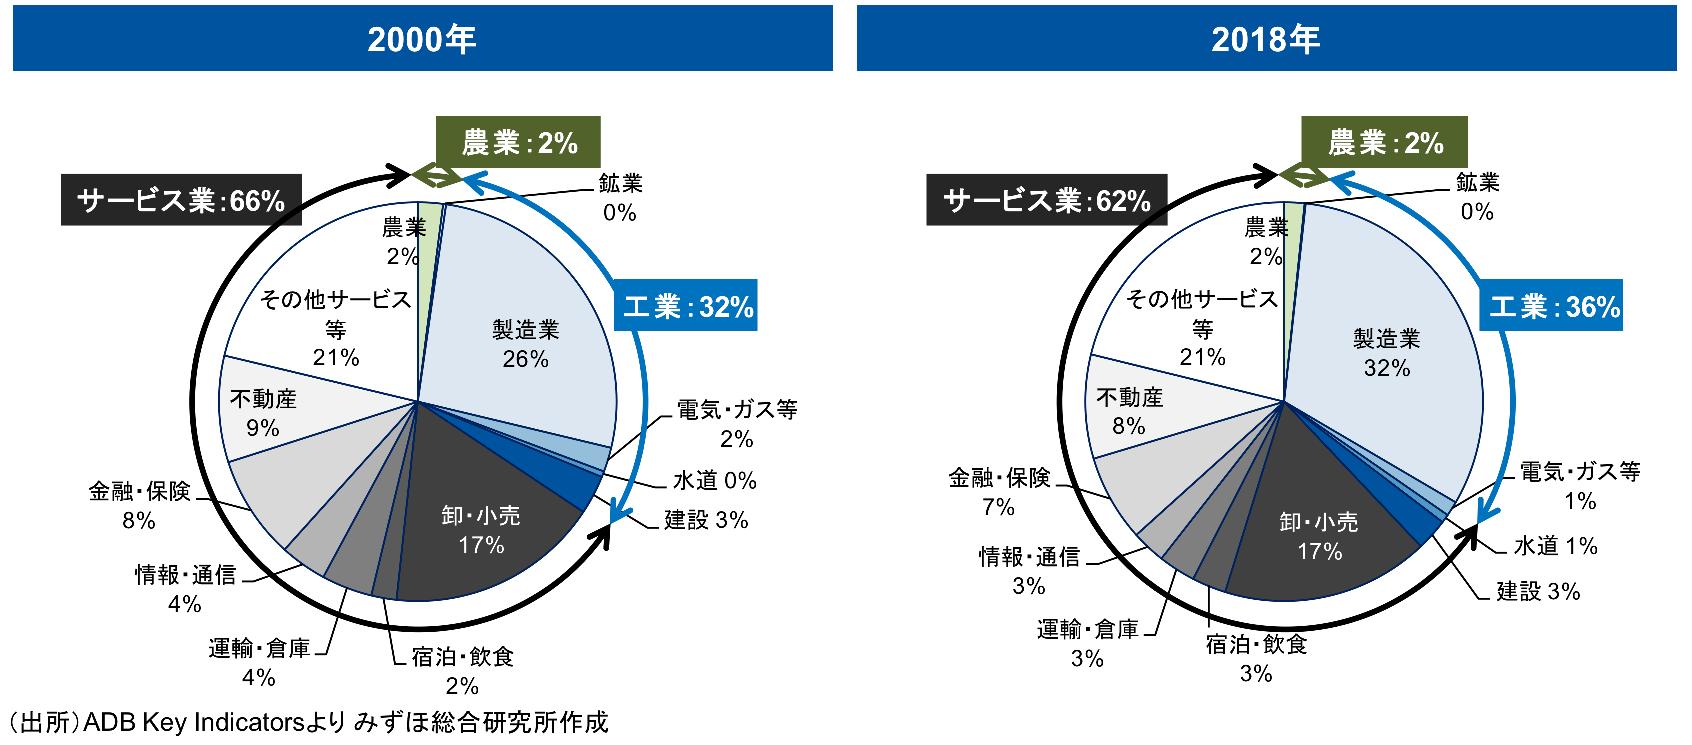 台湾の産業別GDP構成